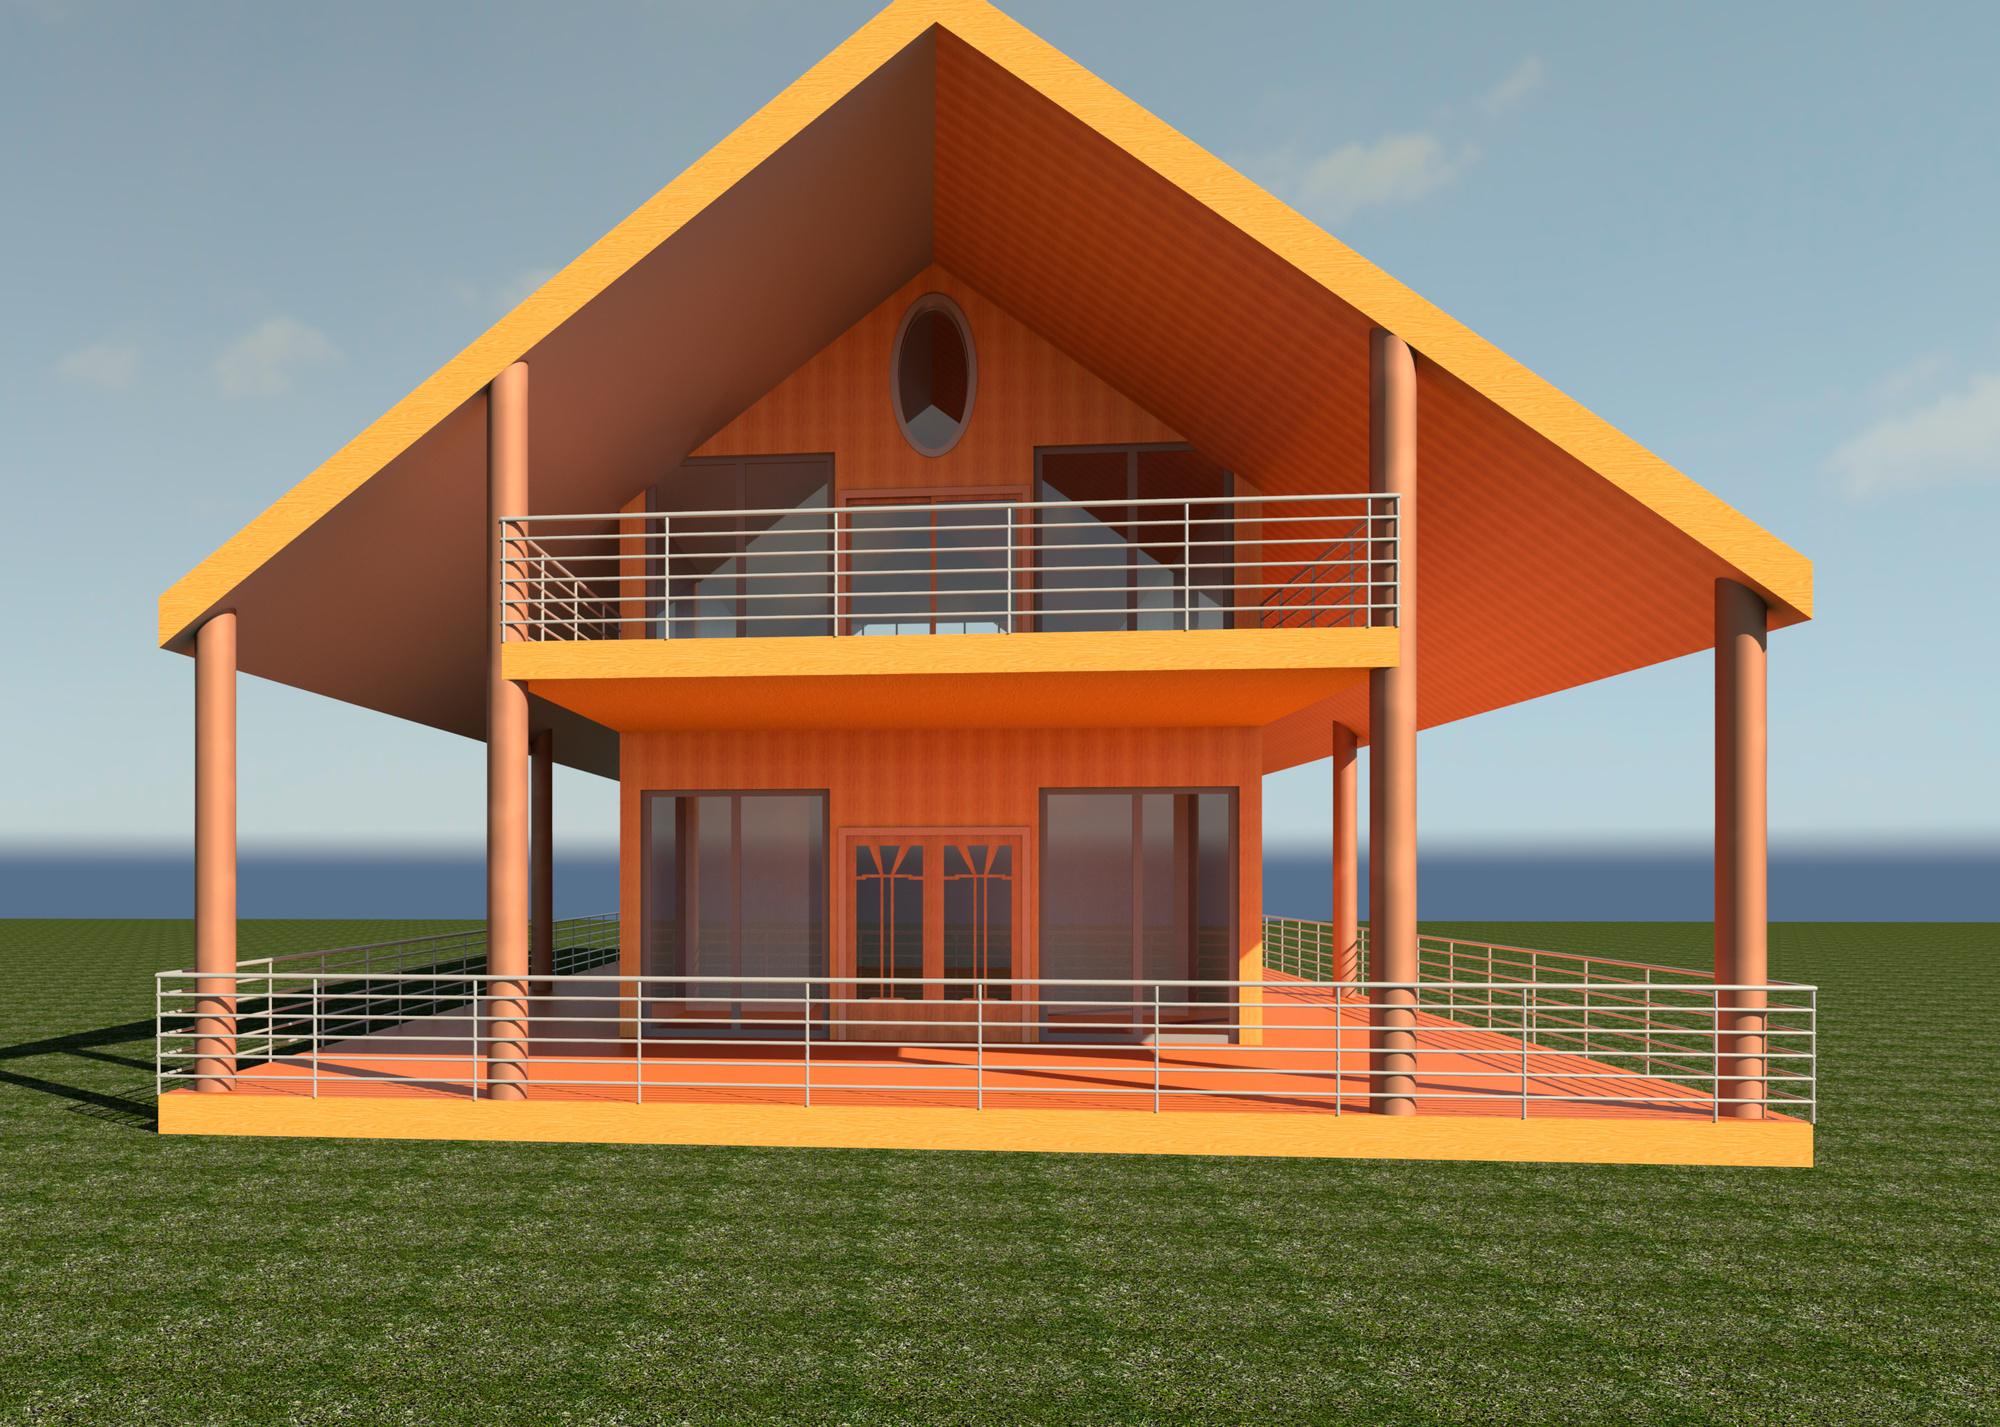 Raas-rendering20150107-3873-1jwr708